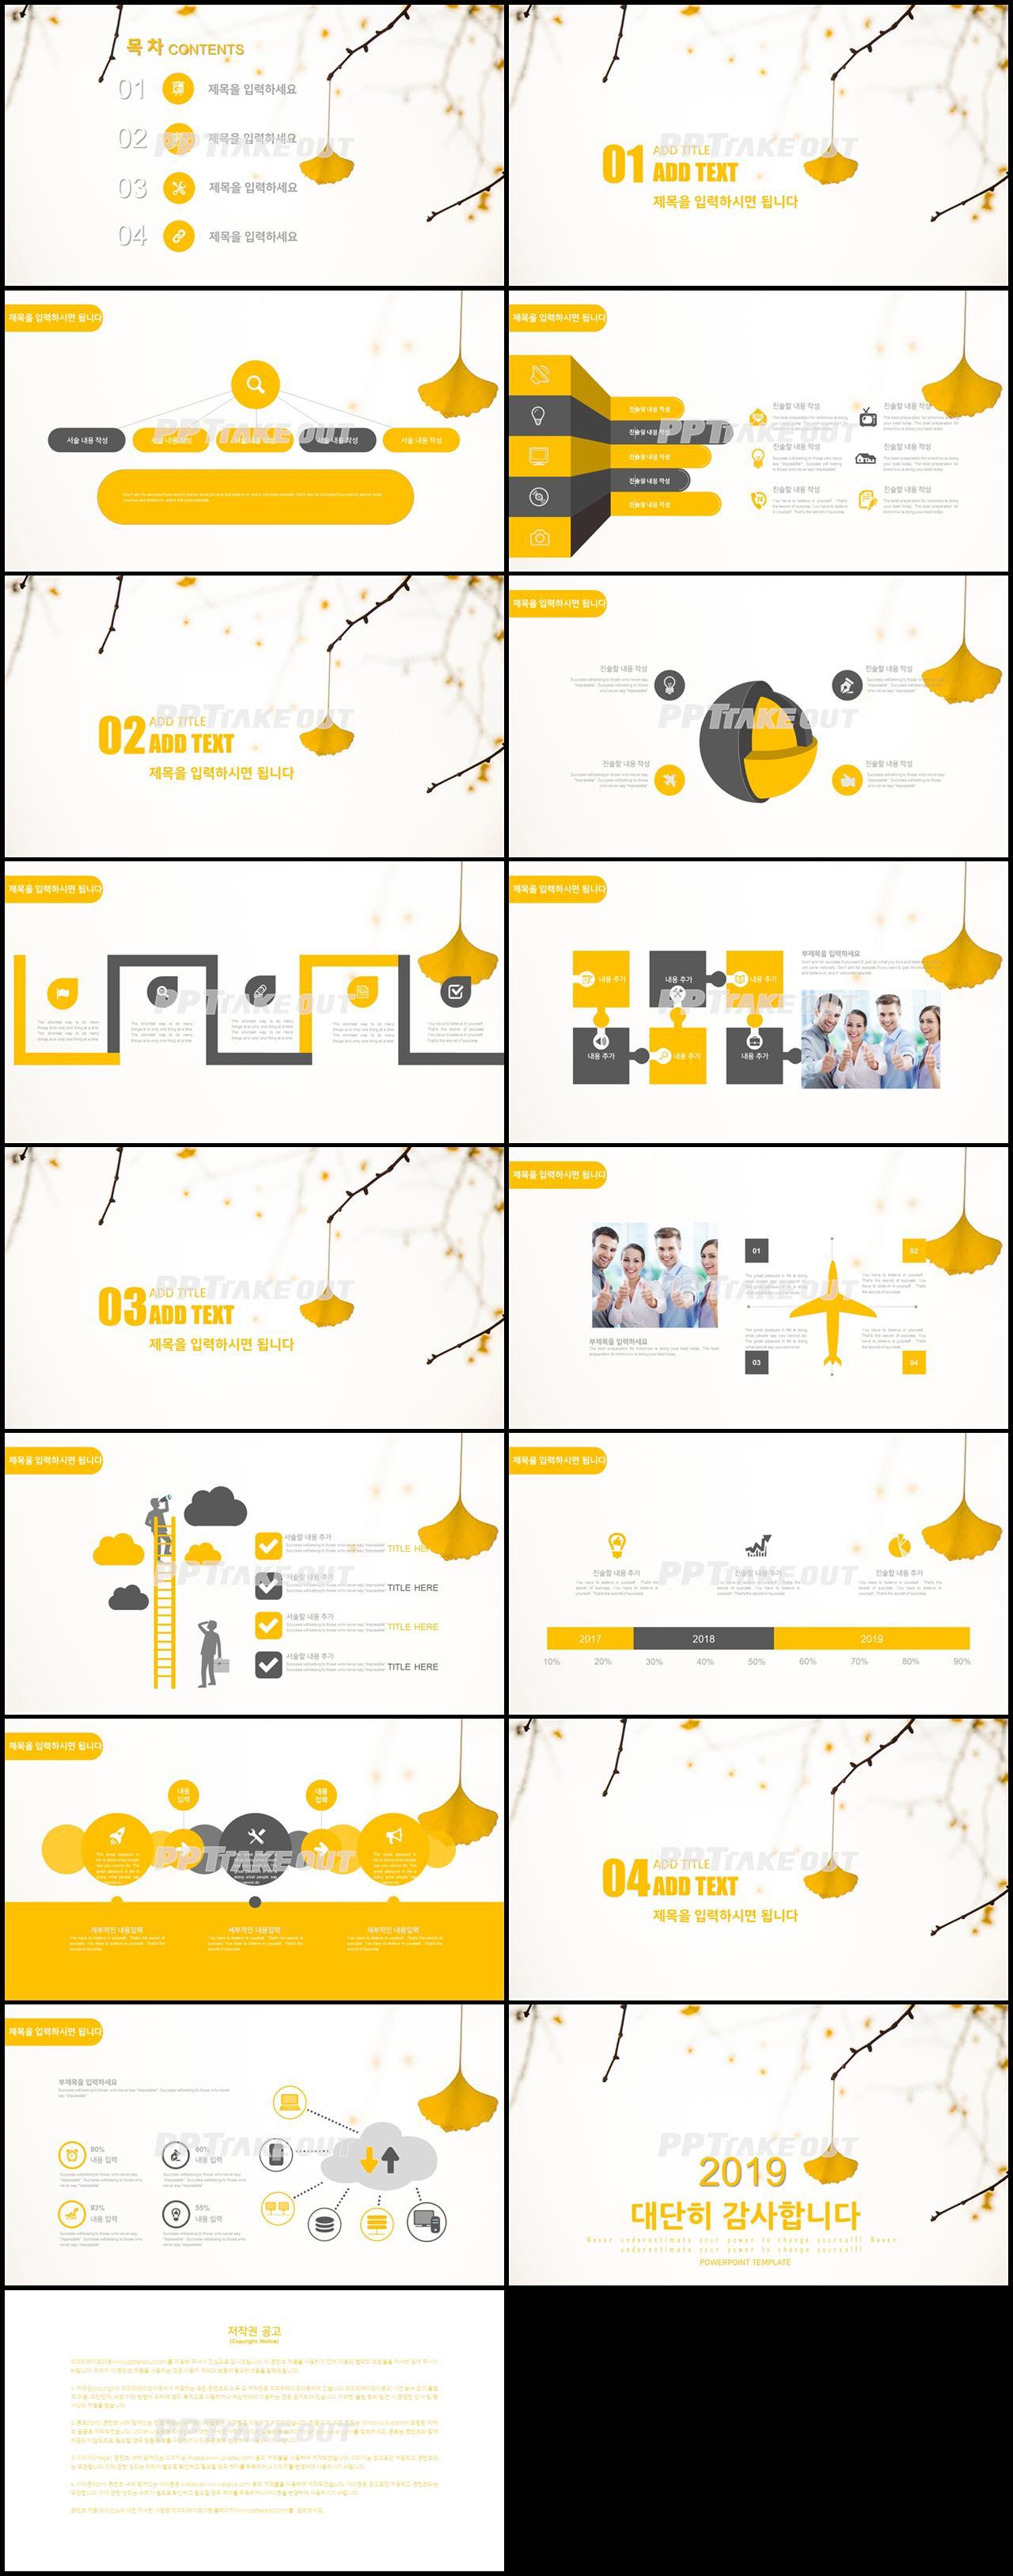 회사홍보 노랑색 깜찍한 다양한 주제에 어울리는 피피티샘플 디자인 상세보기